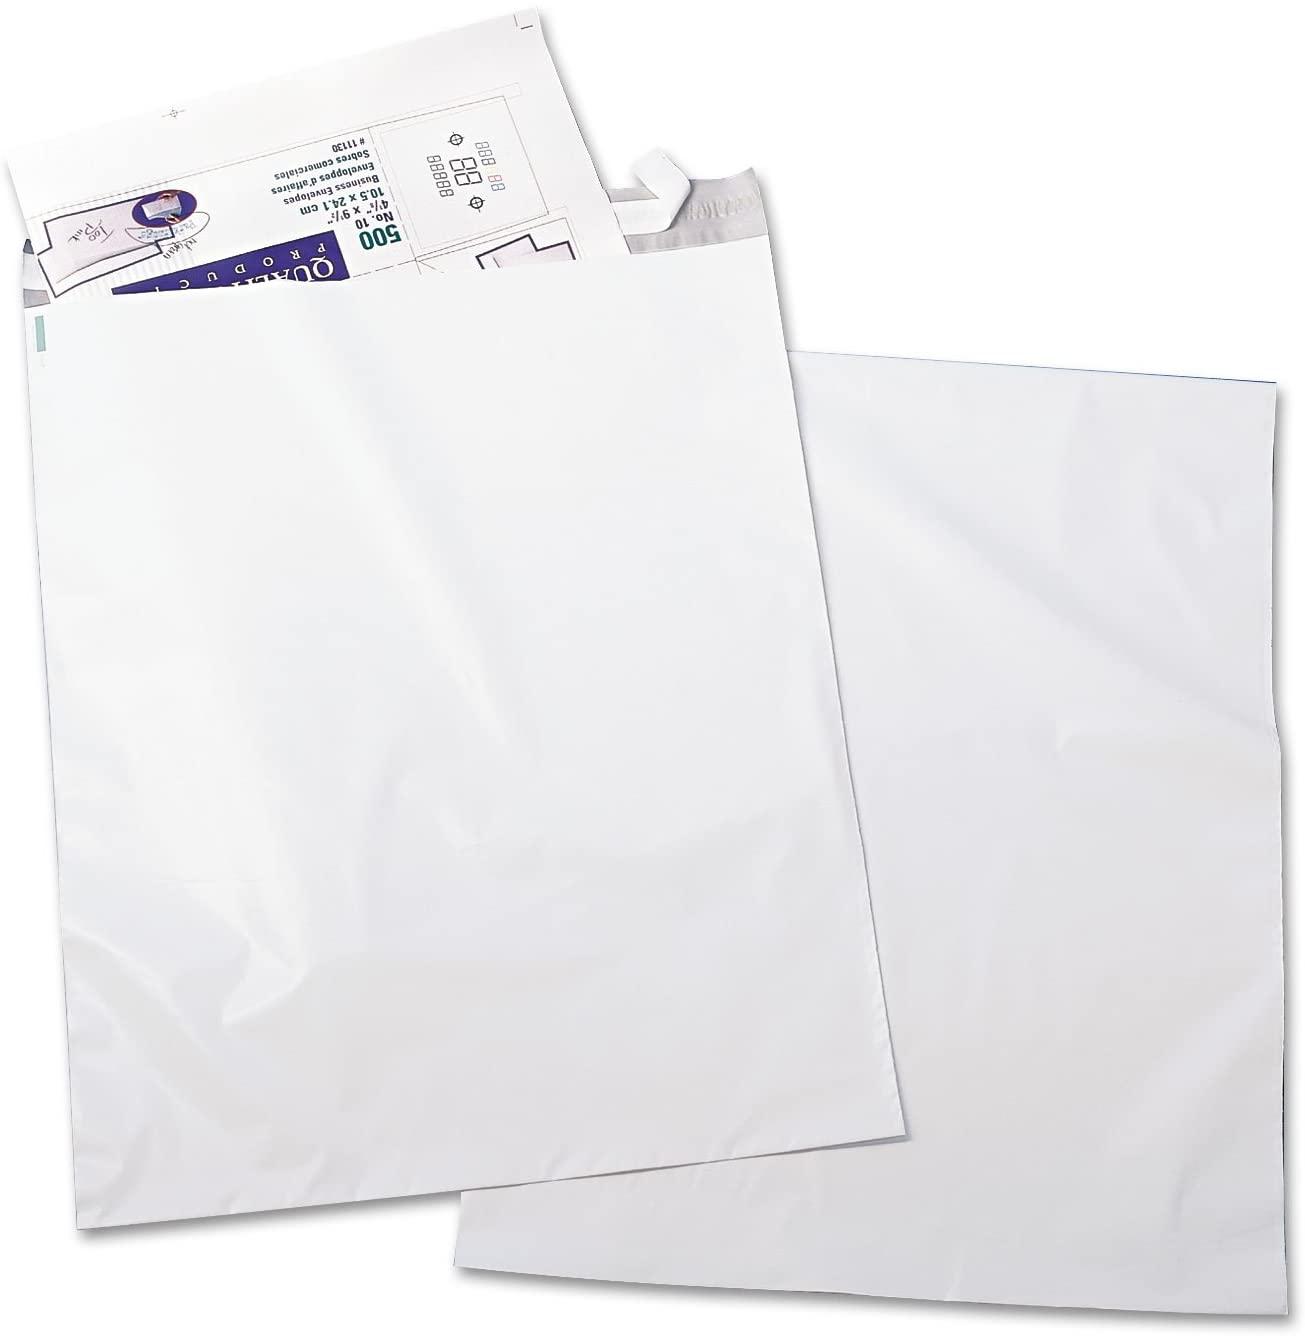 Quality Park 45235 Poly Envelopes,w/Redi-Strip,No Perf,14-Inch x19-Inch,100/PK,White